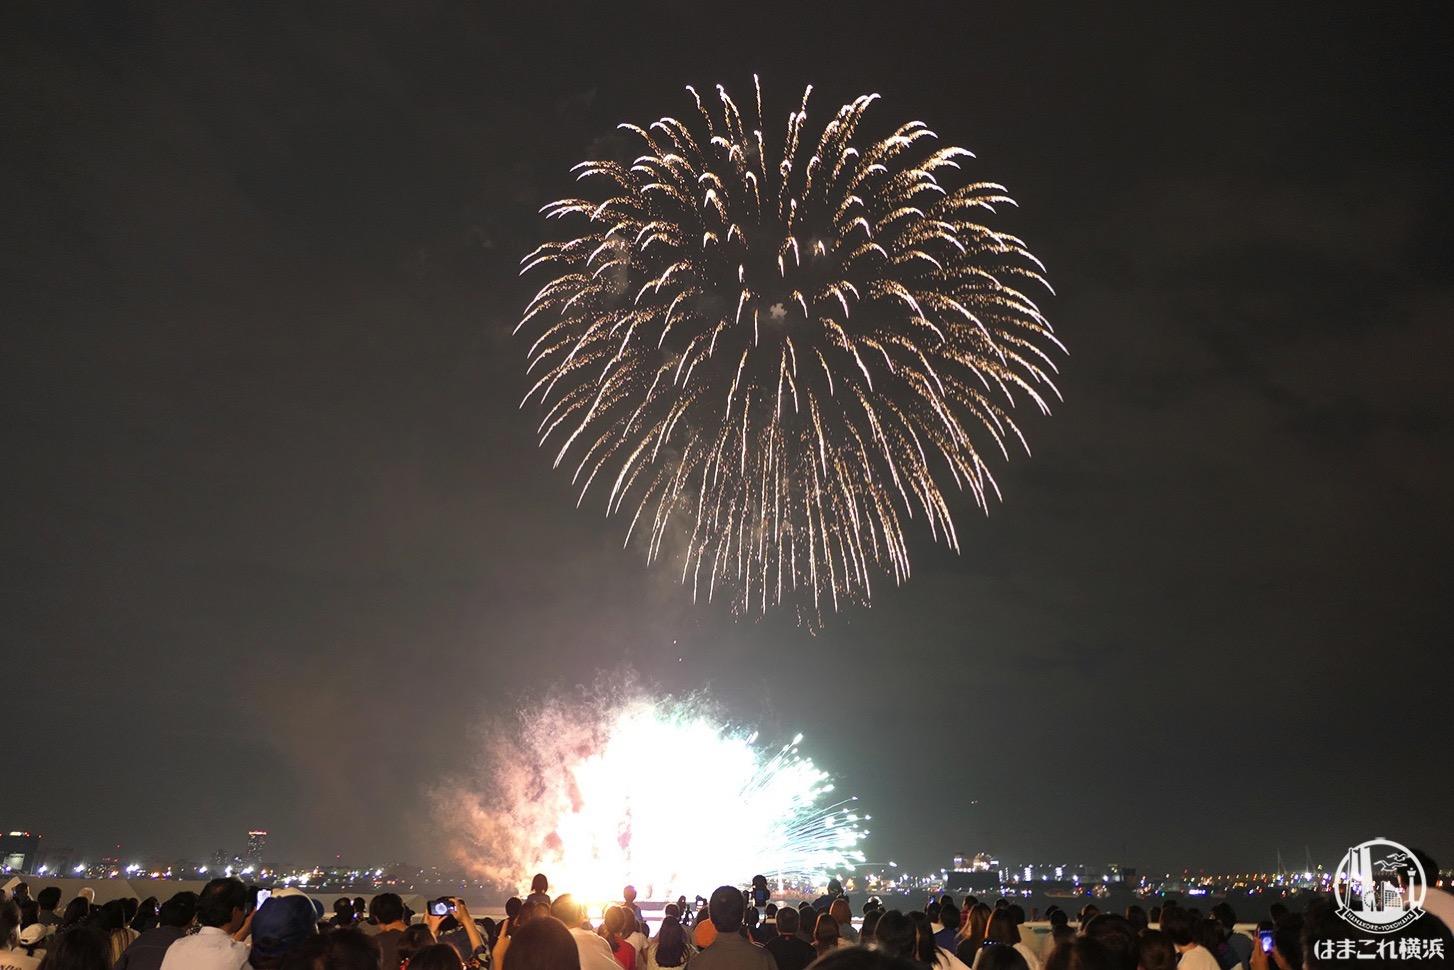 横浜開港祭・2021年6月2日に横浜市内18区で同時打ち上げ花火!19時54分〜